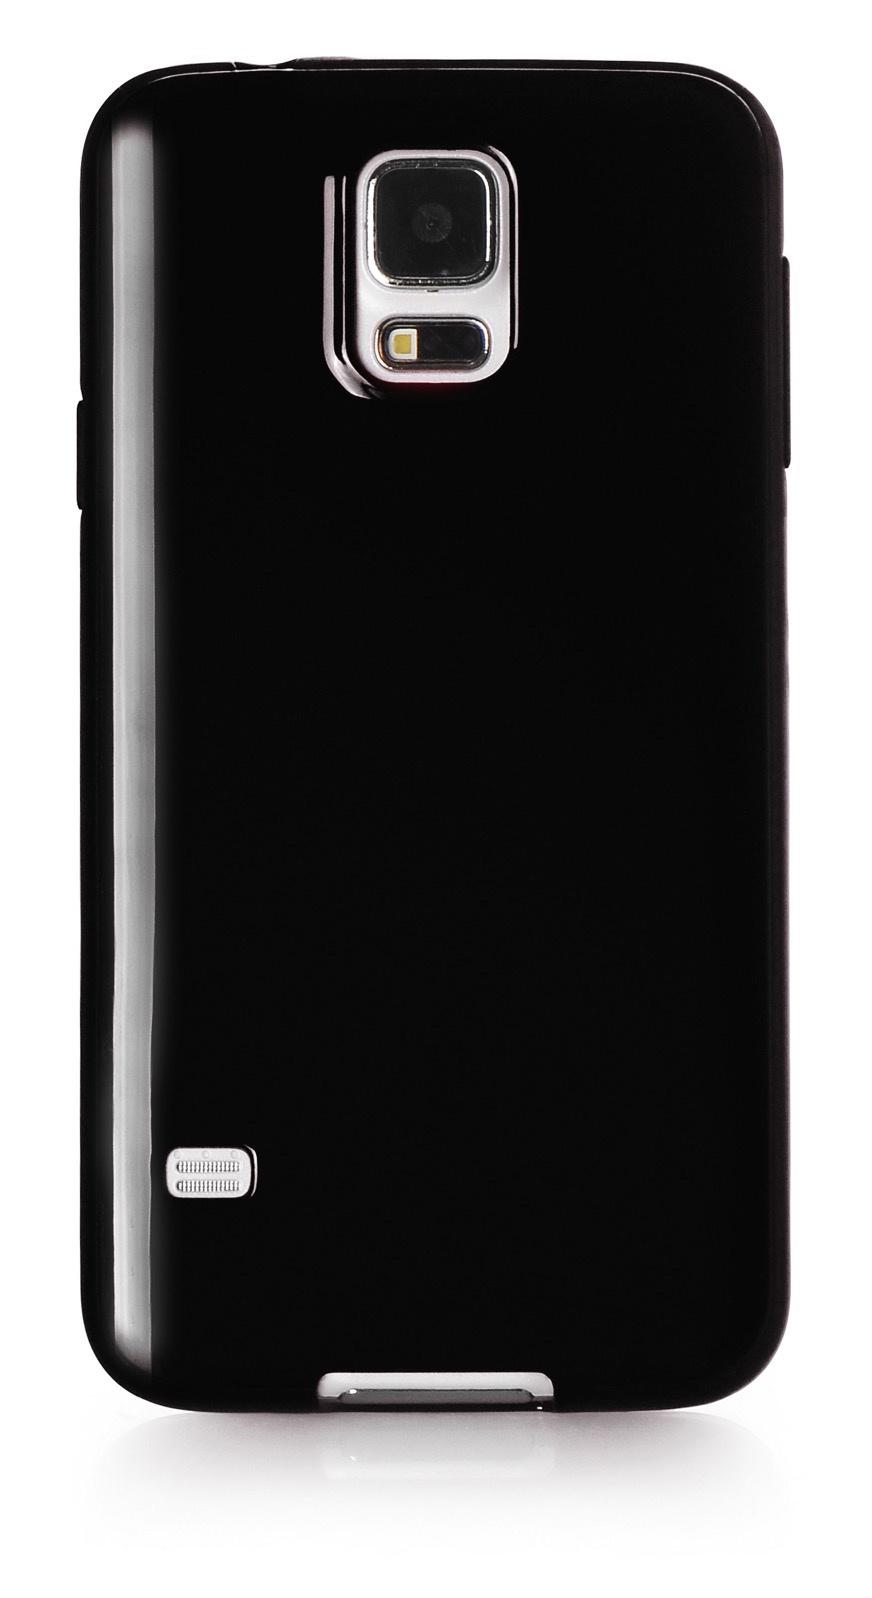 Чехол для сотового телефона iNeez накладка силикон мыльница 530080 для Samsung Galaxy S5, черный